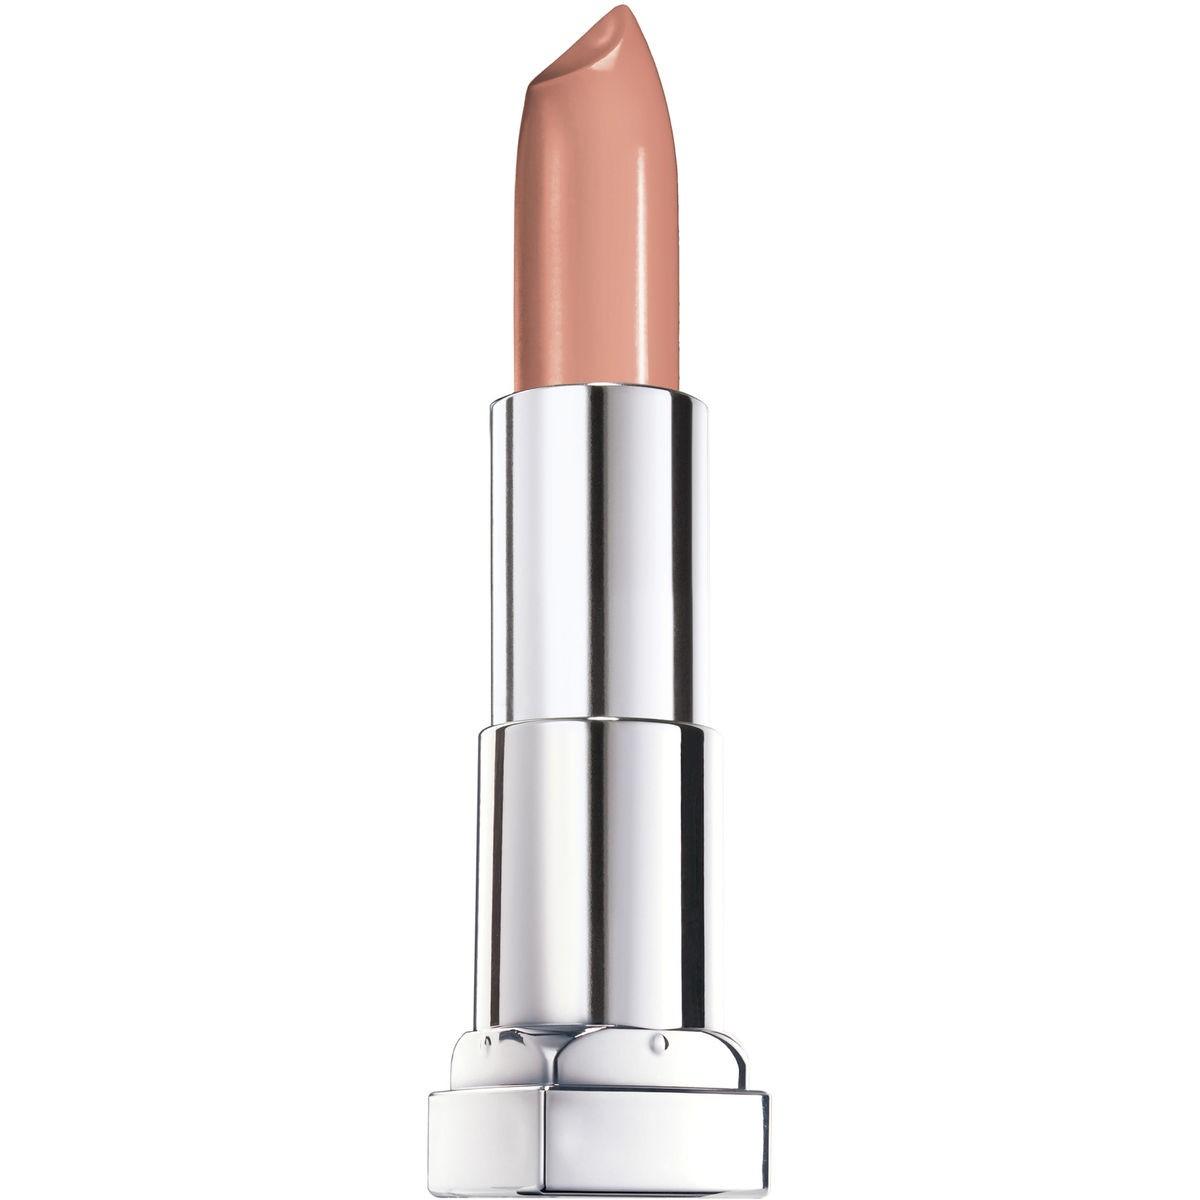 4.Maybelline Colour Sensational Matte Nudes Lipstick